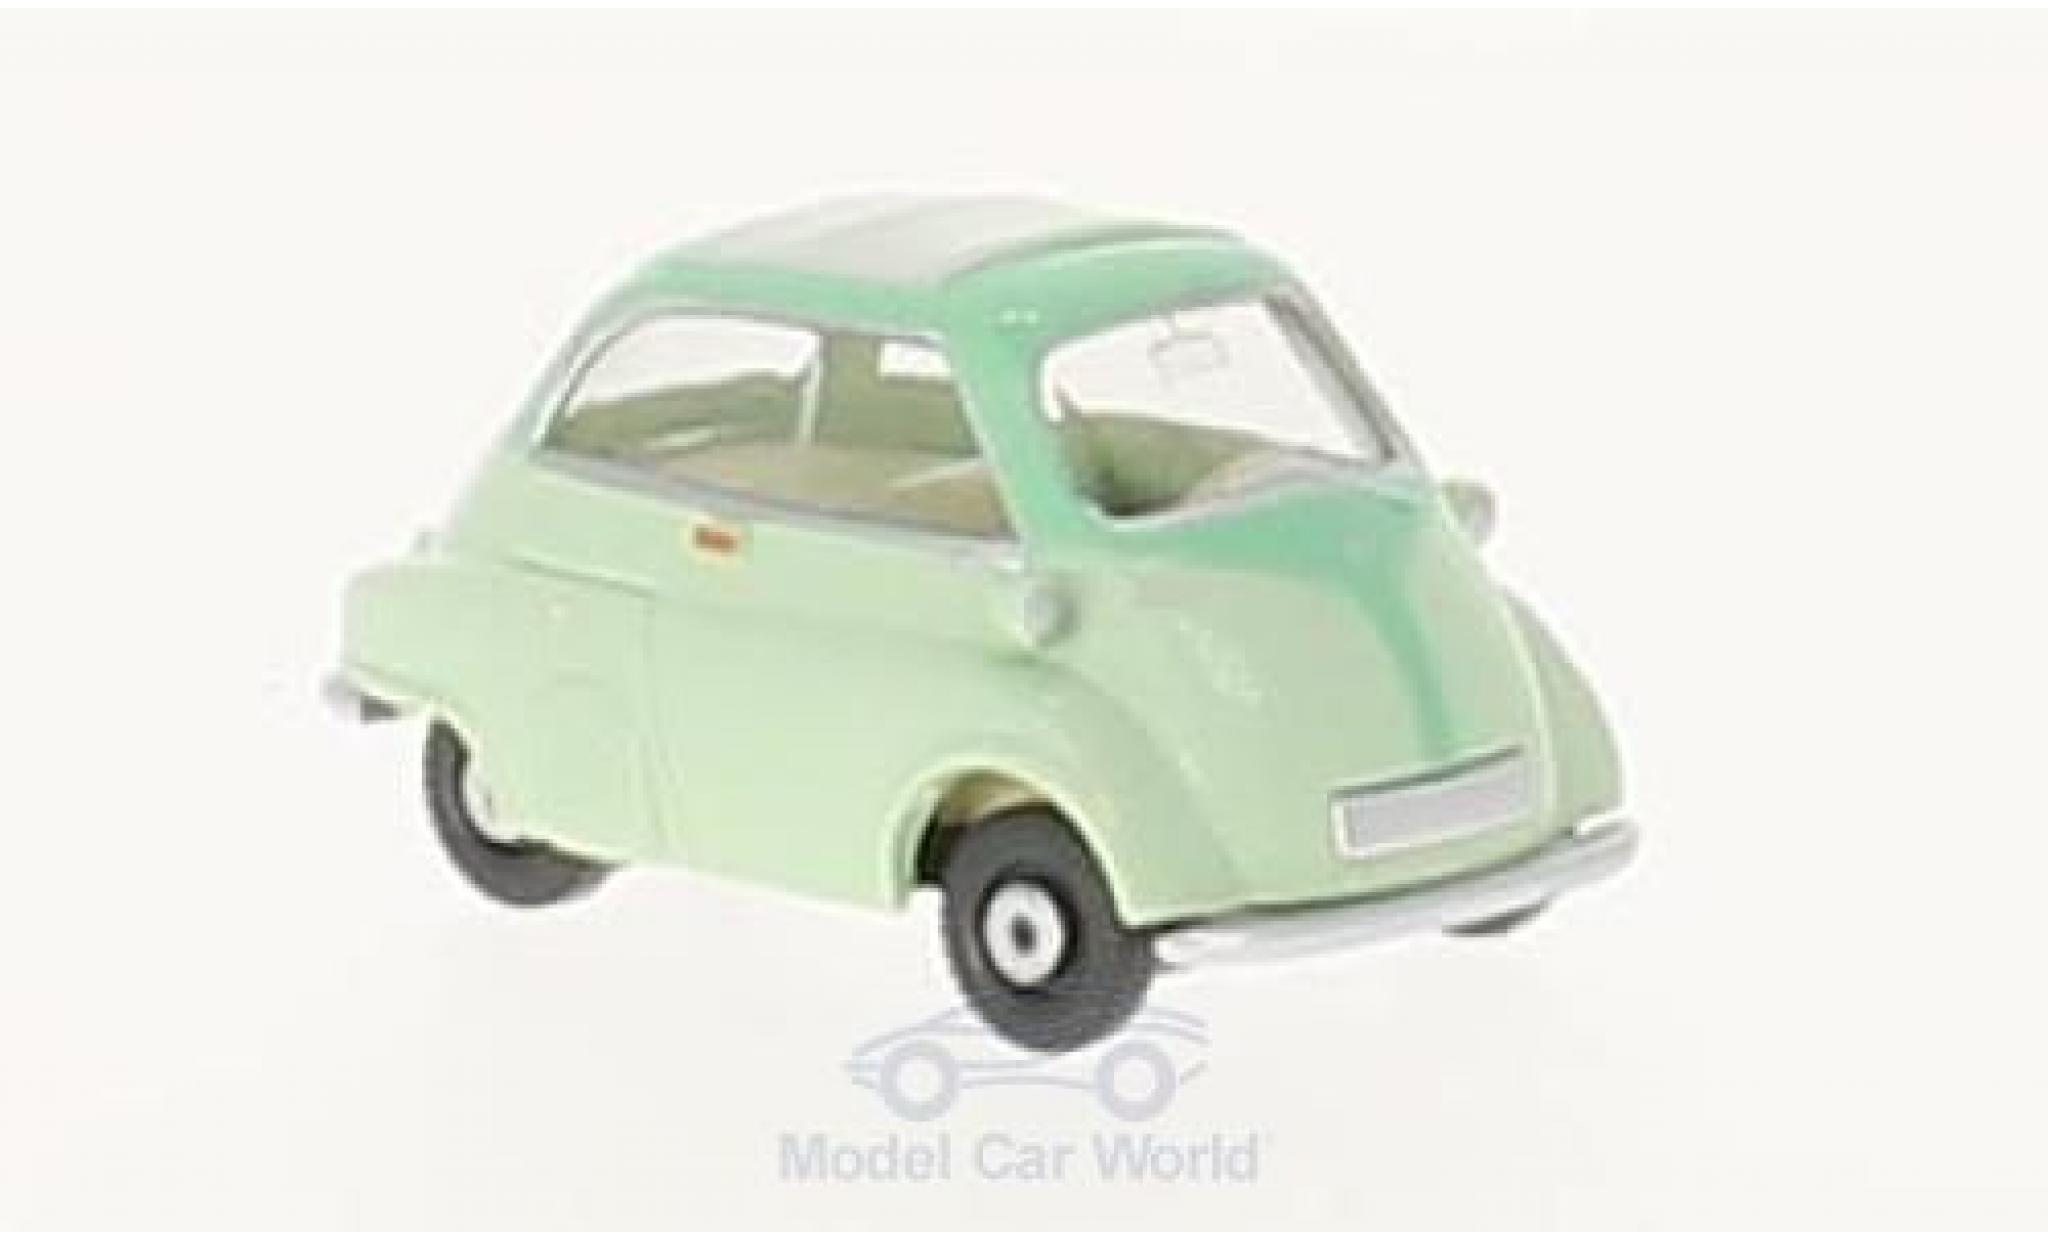 Bmw 600 turquesa coche modelo 1:43//Schuco